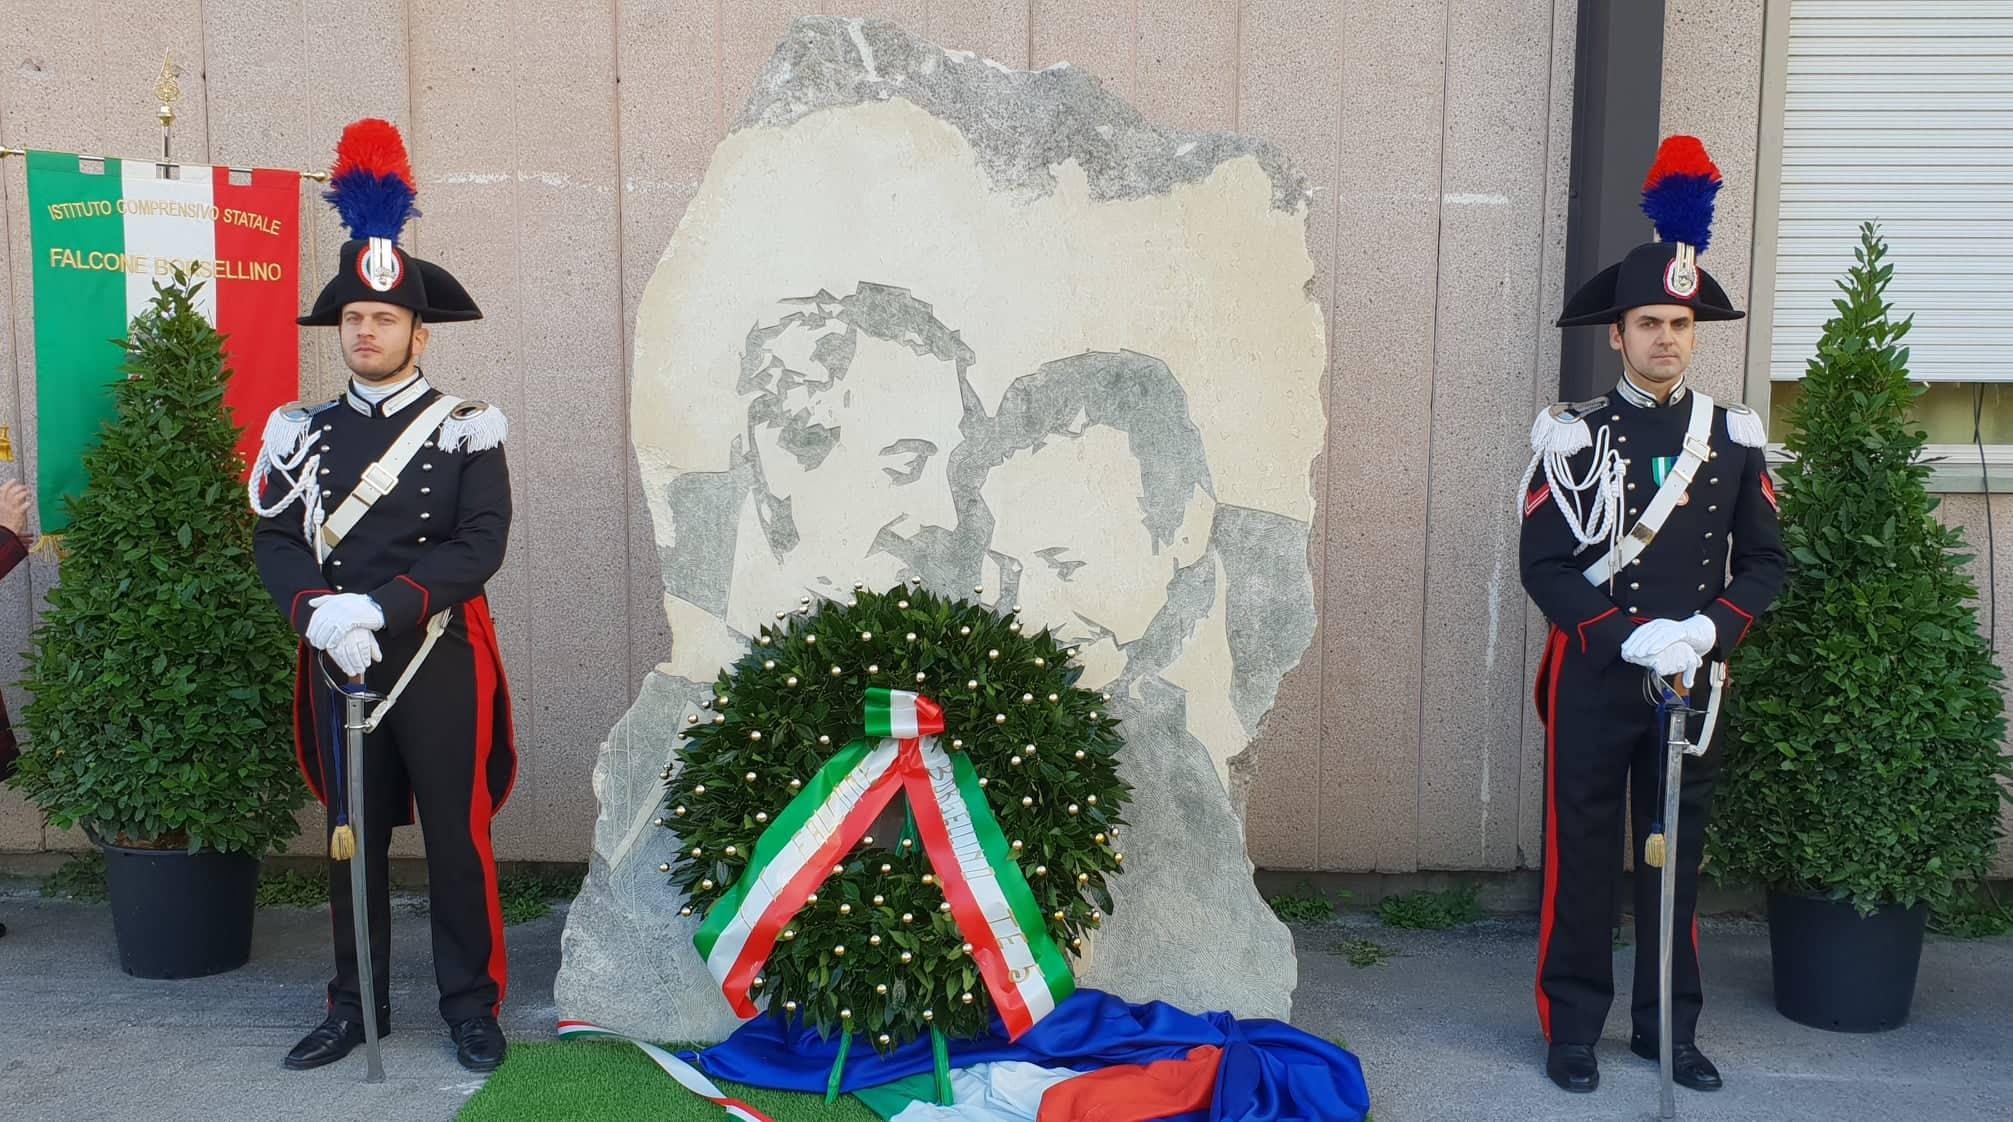 COSA SUCCEDE IN  ABRUZZO / Il Premio Borsellino ricorda l'omicidio Basile, il capitano che si mise contro i corleonesi